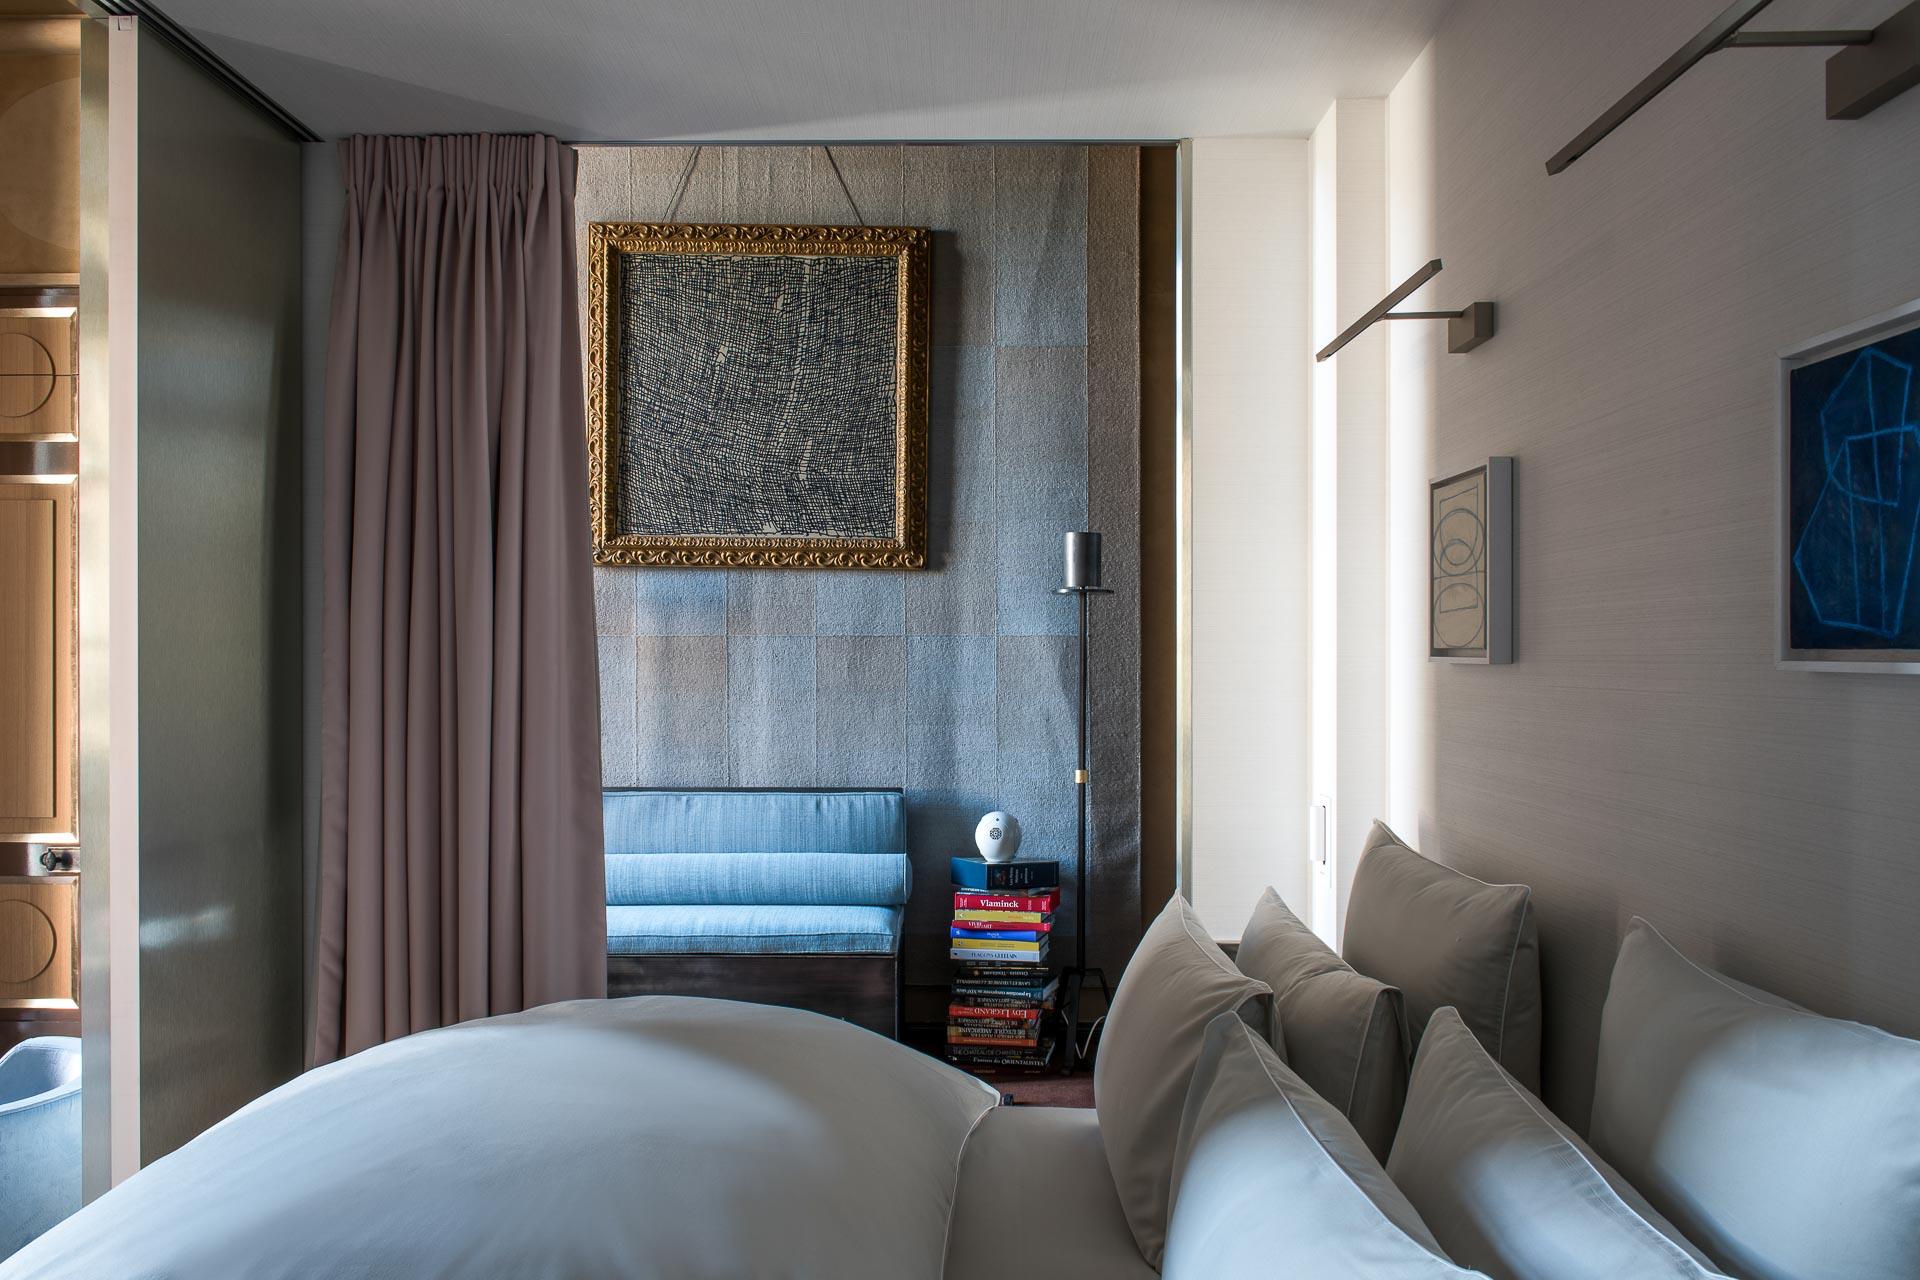 Des lits à baldaquin« revisités» permettent de créer un cocon pour dormir, sans toucher à la structure historique et classée de la bâtisse